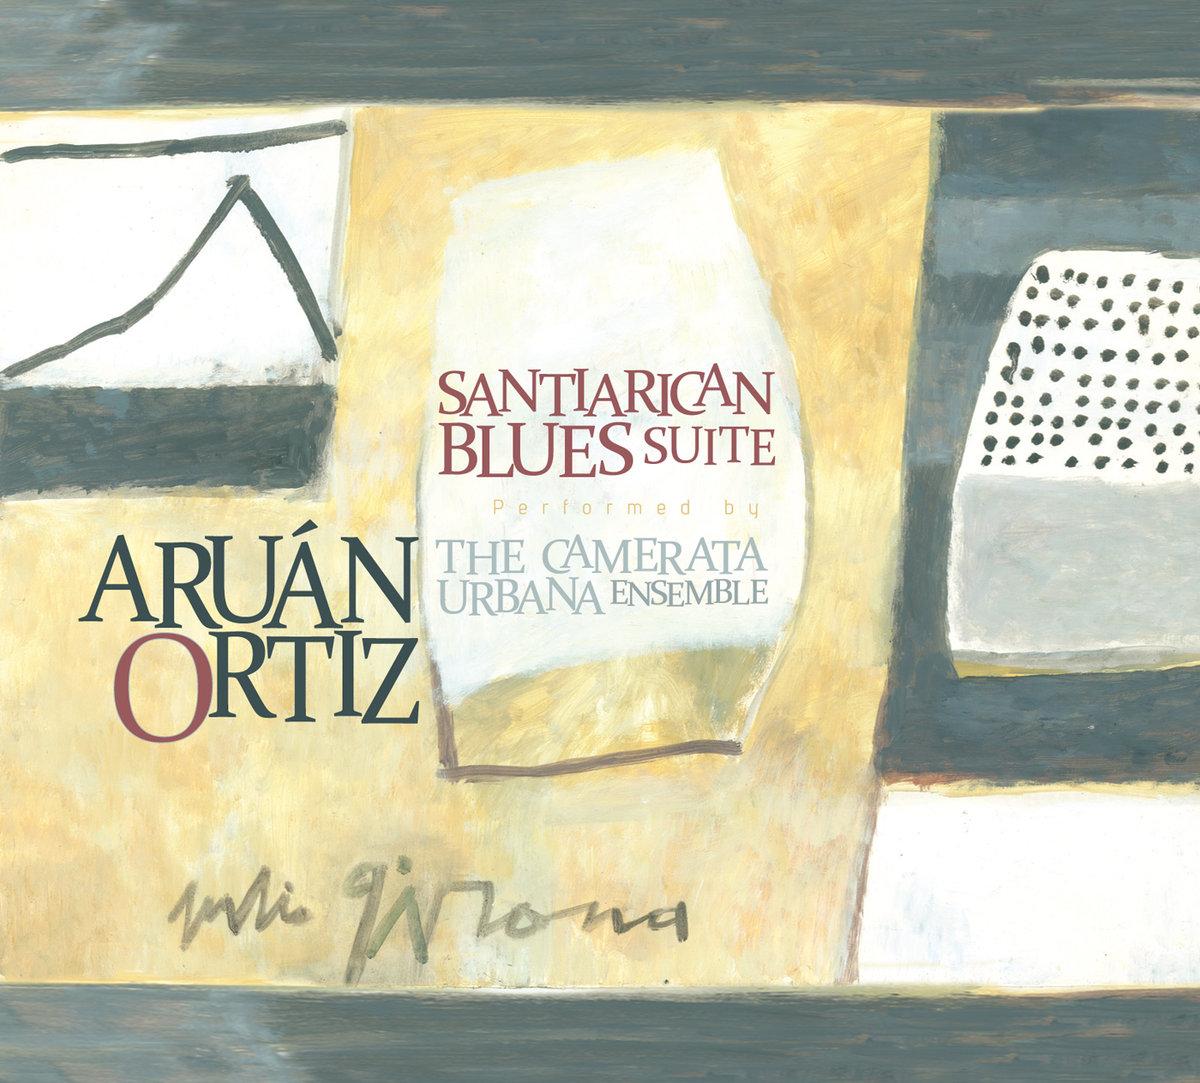 Aruán Ortiz Santiarican Blues Suite, 2012